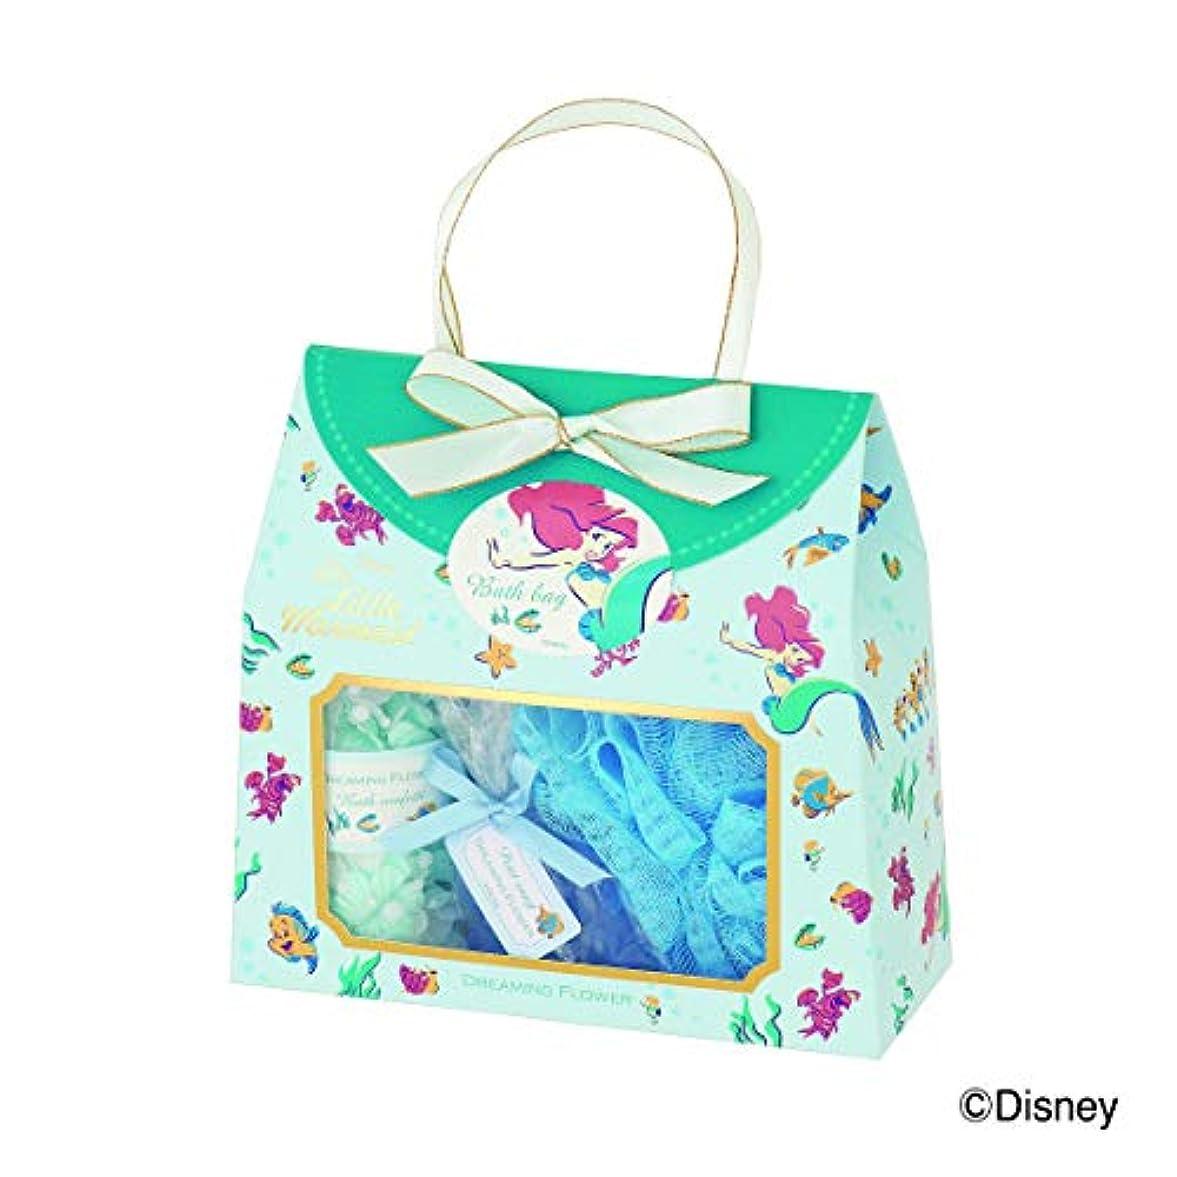 袋フォーカス典型的なディズニーフレグランスコレクション バスバッグト5点セット アリエル ドリーミングフラワー(透明感のあるムスクの香り)